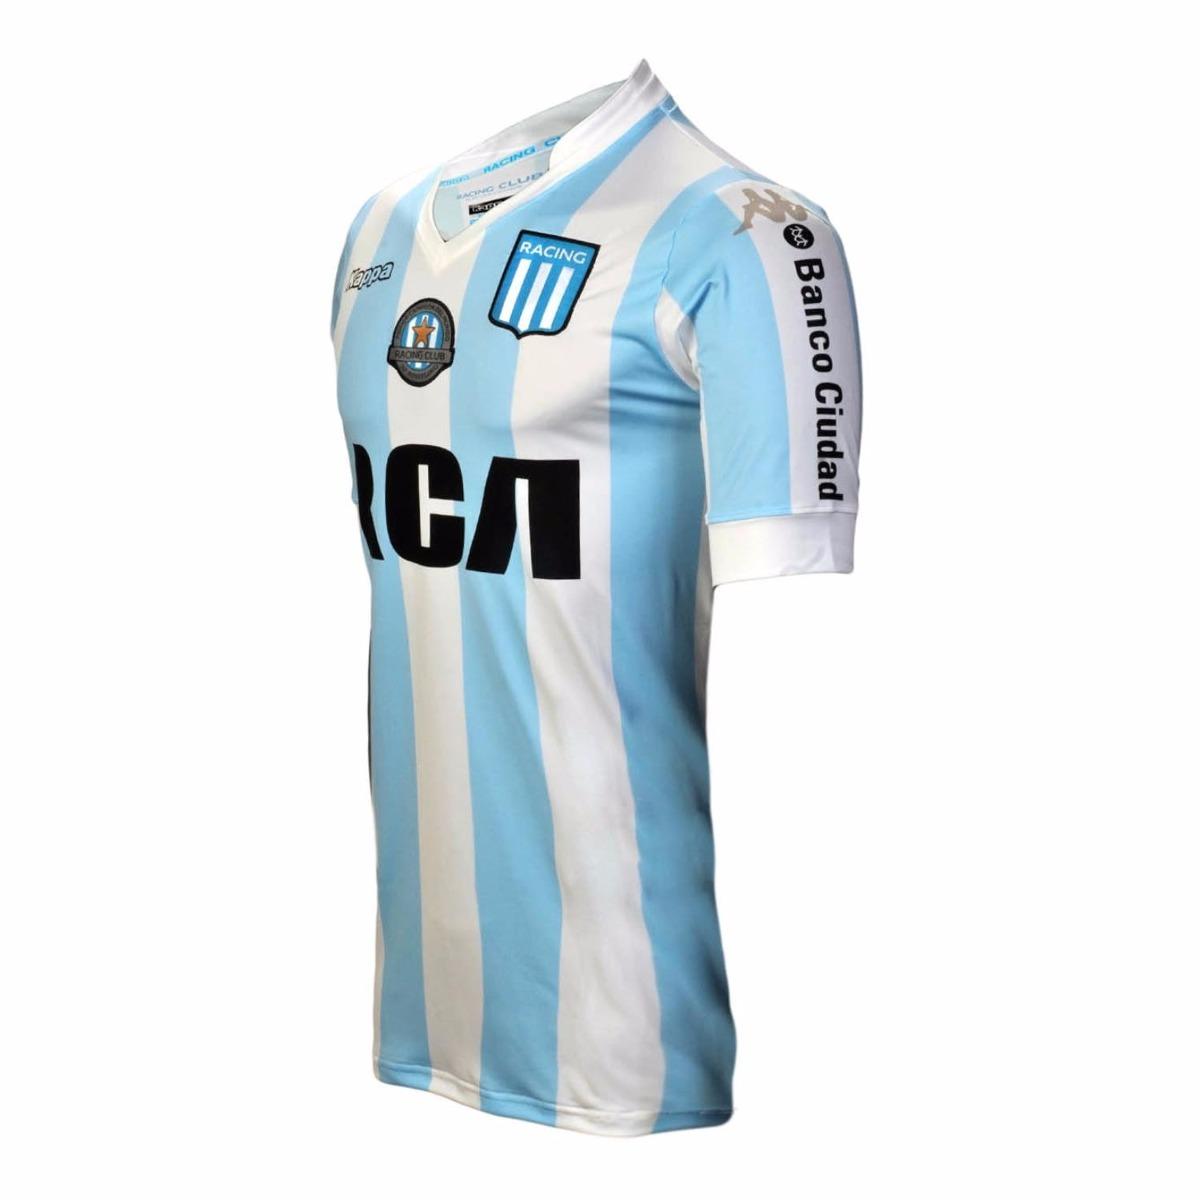 Carregando zoom... camisa futebol de time racing argentina kappa 2016 2017 64a421ddea25a